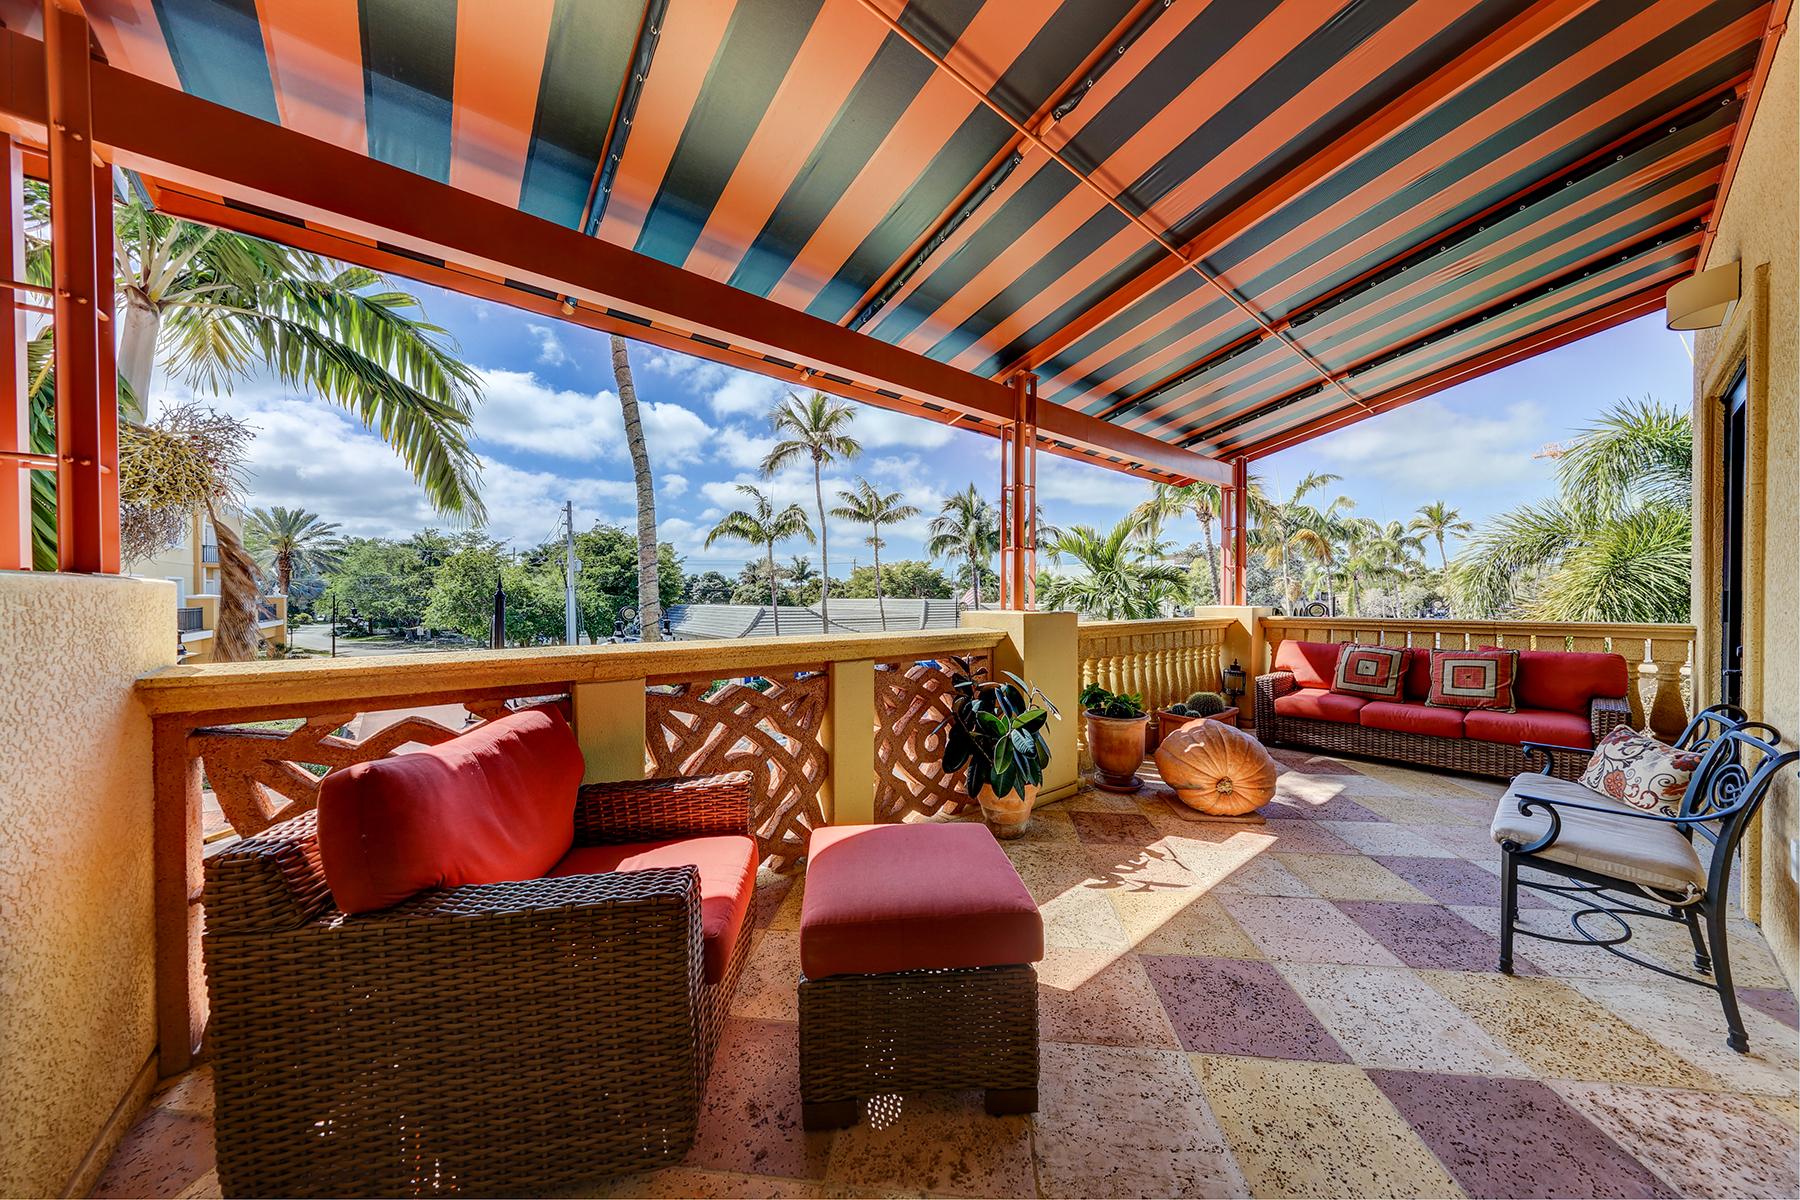 Condomínio para Venda às OLDE NAPLES - 555 ON FIFTH 555 5th Ave S 201 Naples, Florida, 34102 Estados Unidos